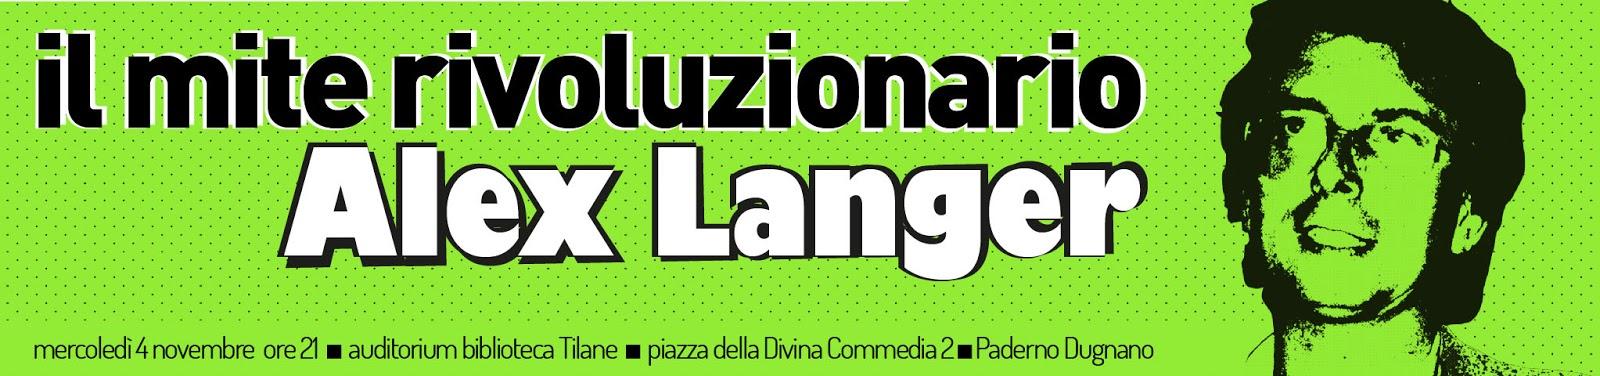 Fondazione ALEXANDER LANGER